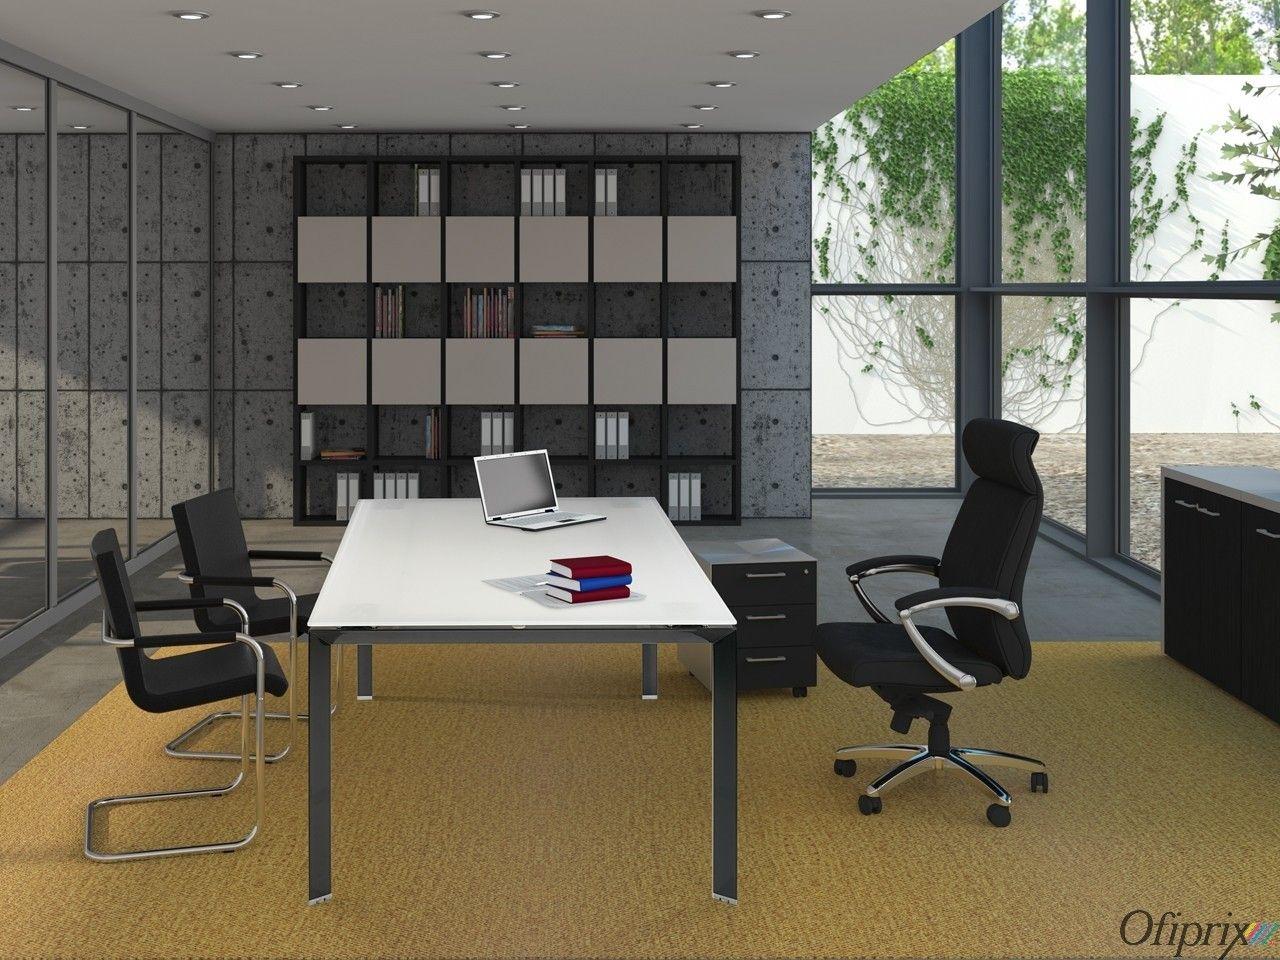 Mesas de despacho modernas serie link class en 2019 for Mesas de despacho modernas